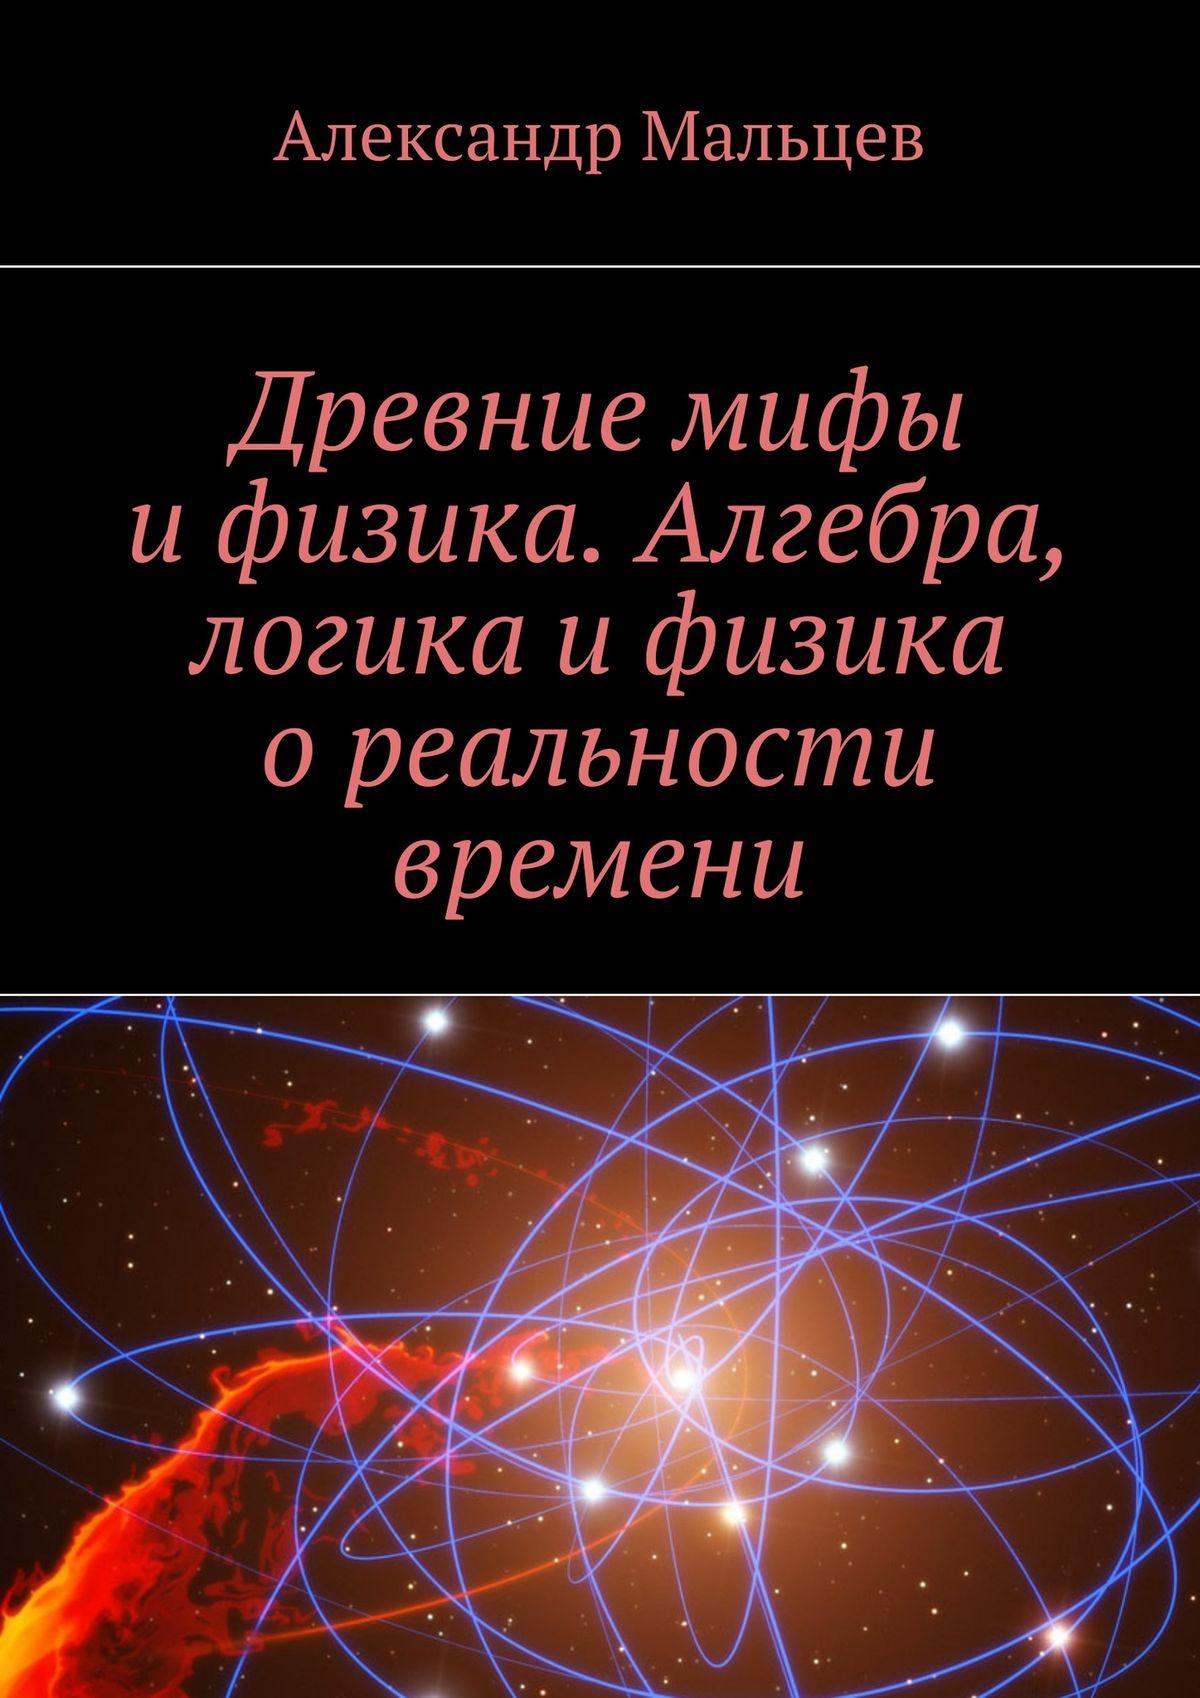 Александр Мальцев Древние мифы ифизика. Алгебра, логика ифизика ореальности времени юрий кортыченков мы в счастливое время живем потому что живем